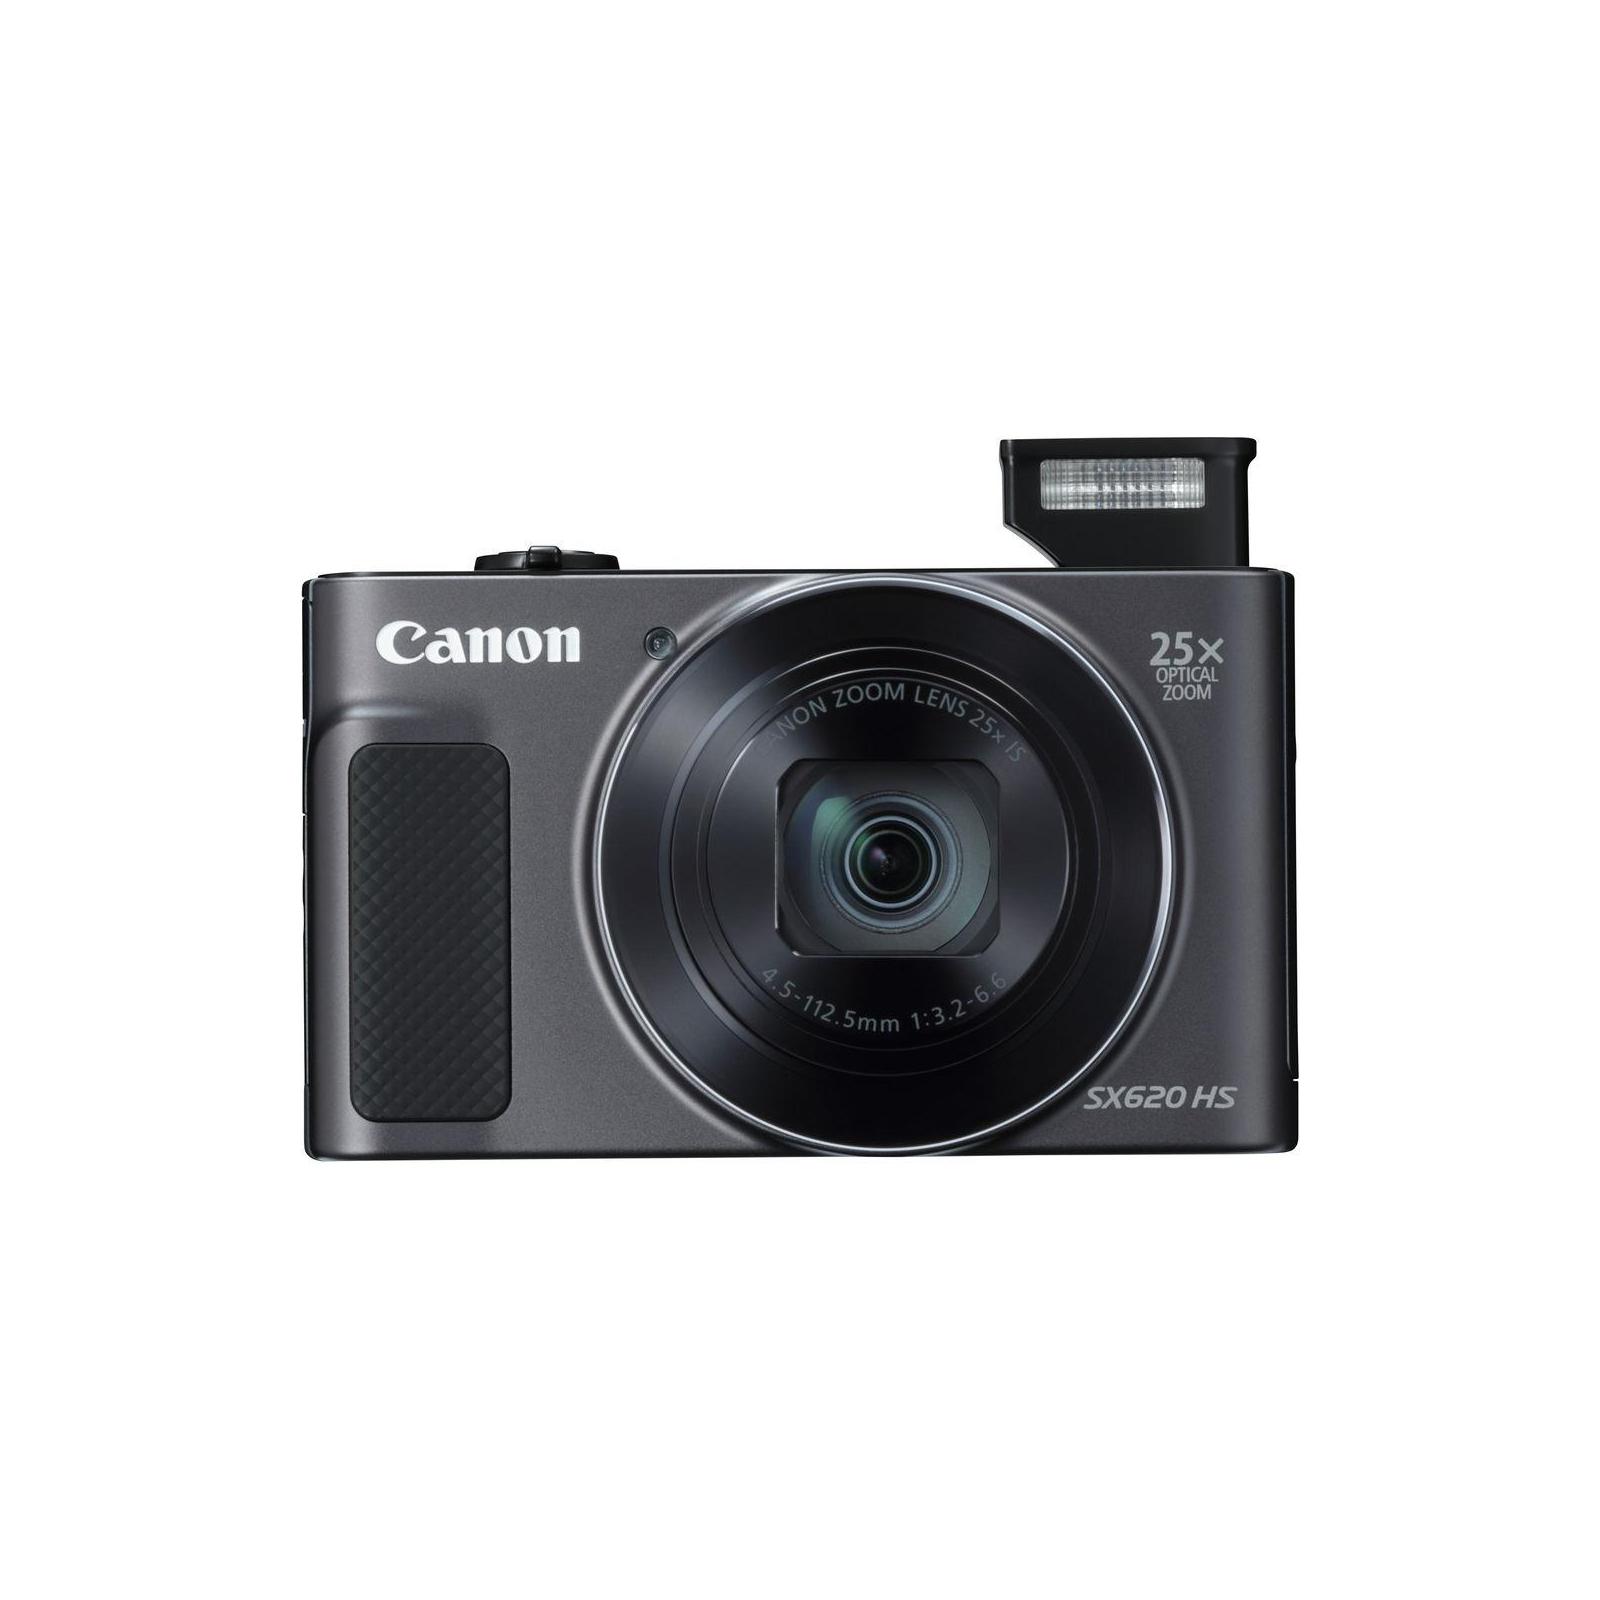 Цифровий фотоапарат Canon Powershot SX620 HS Black (1072C014) зображення 9